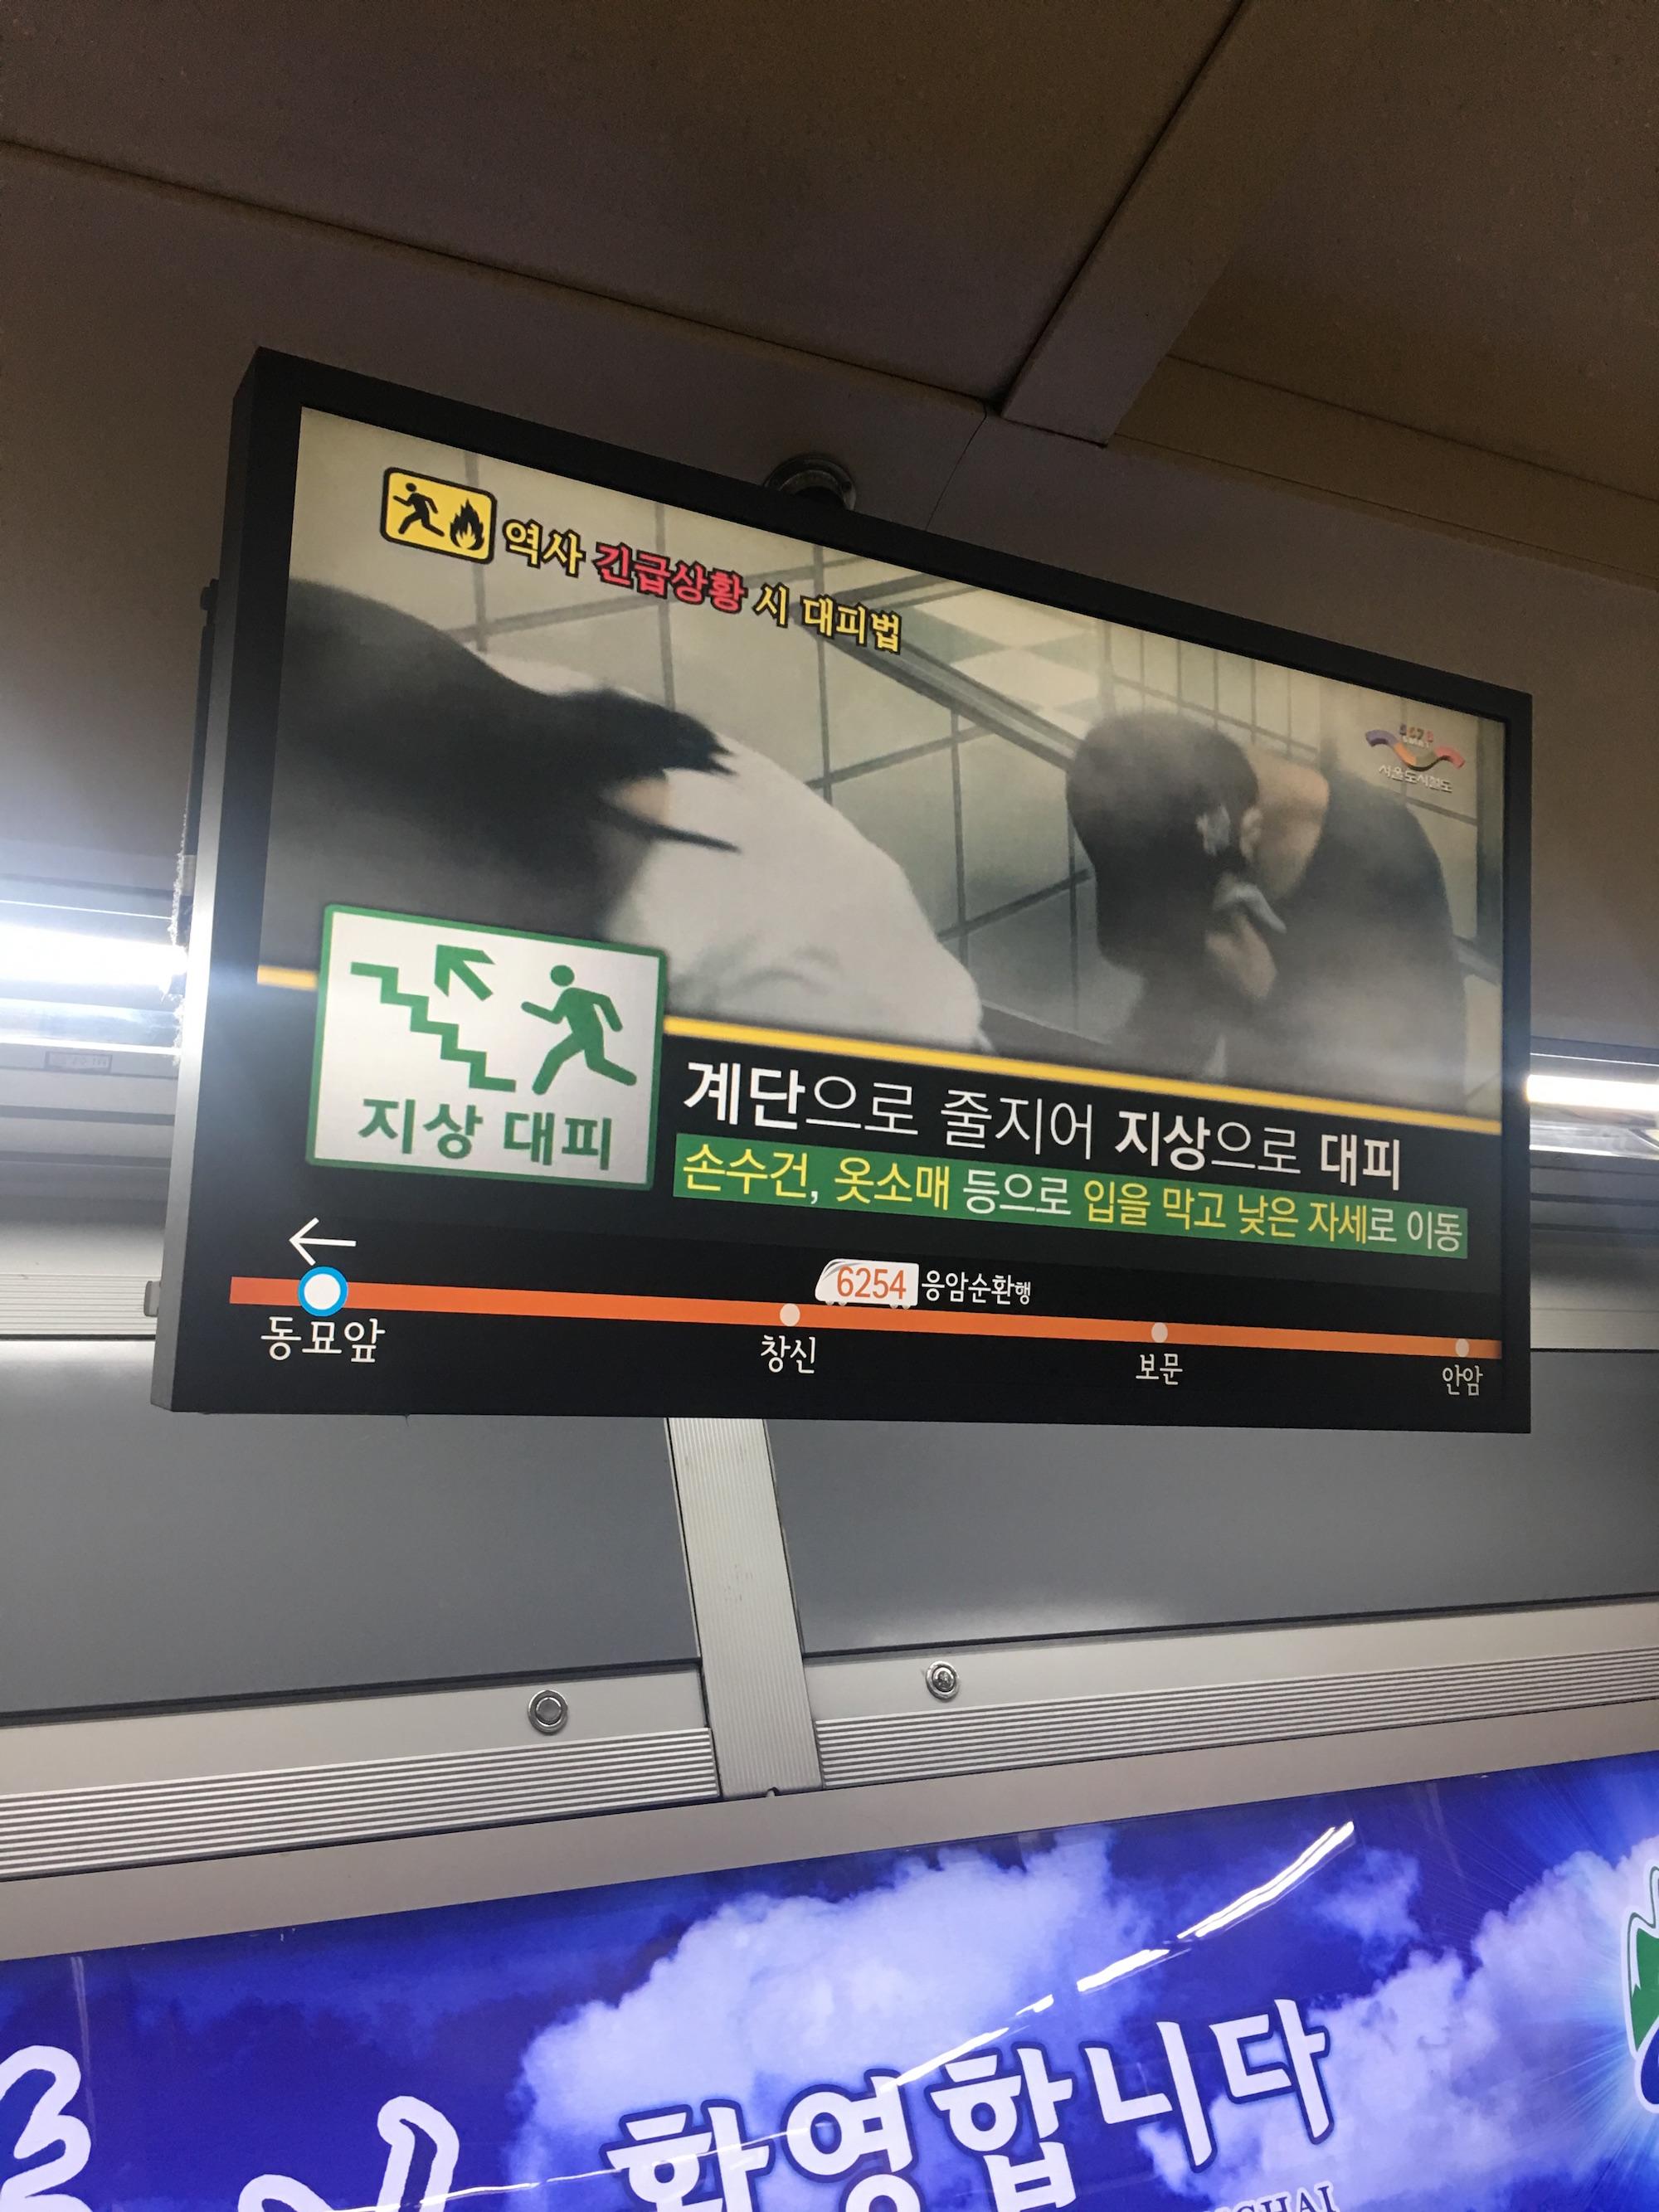 Coreeseoul00033